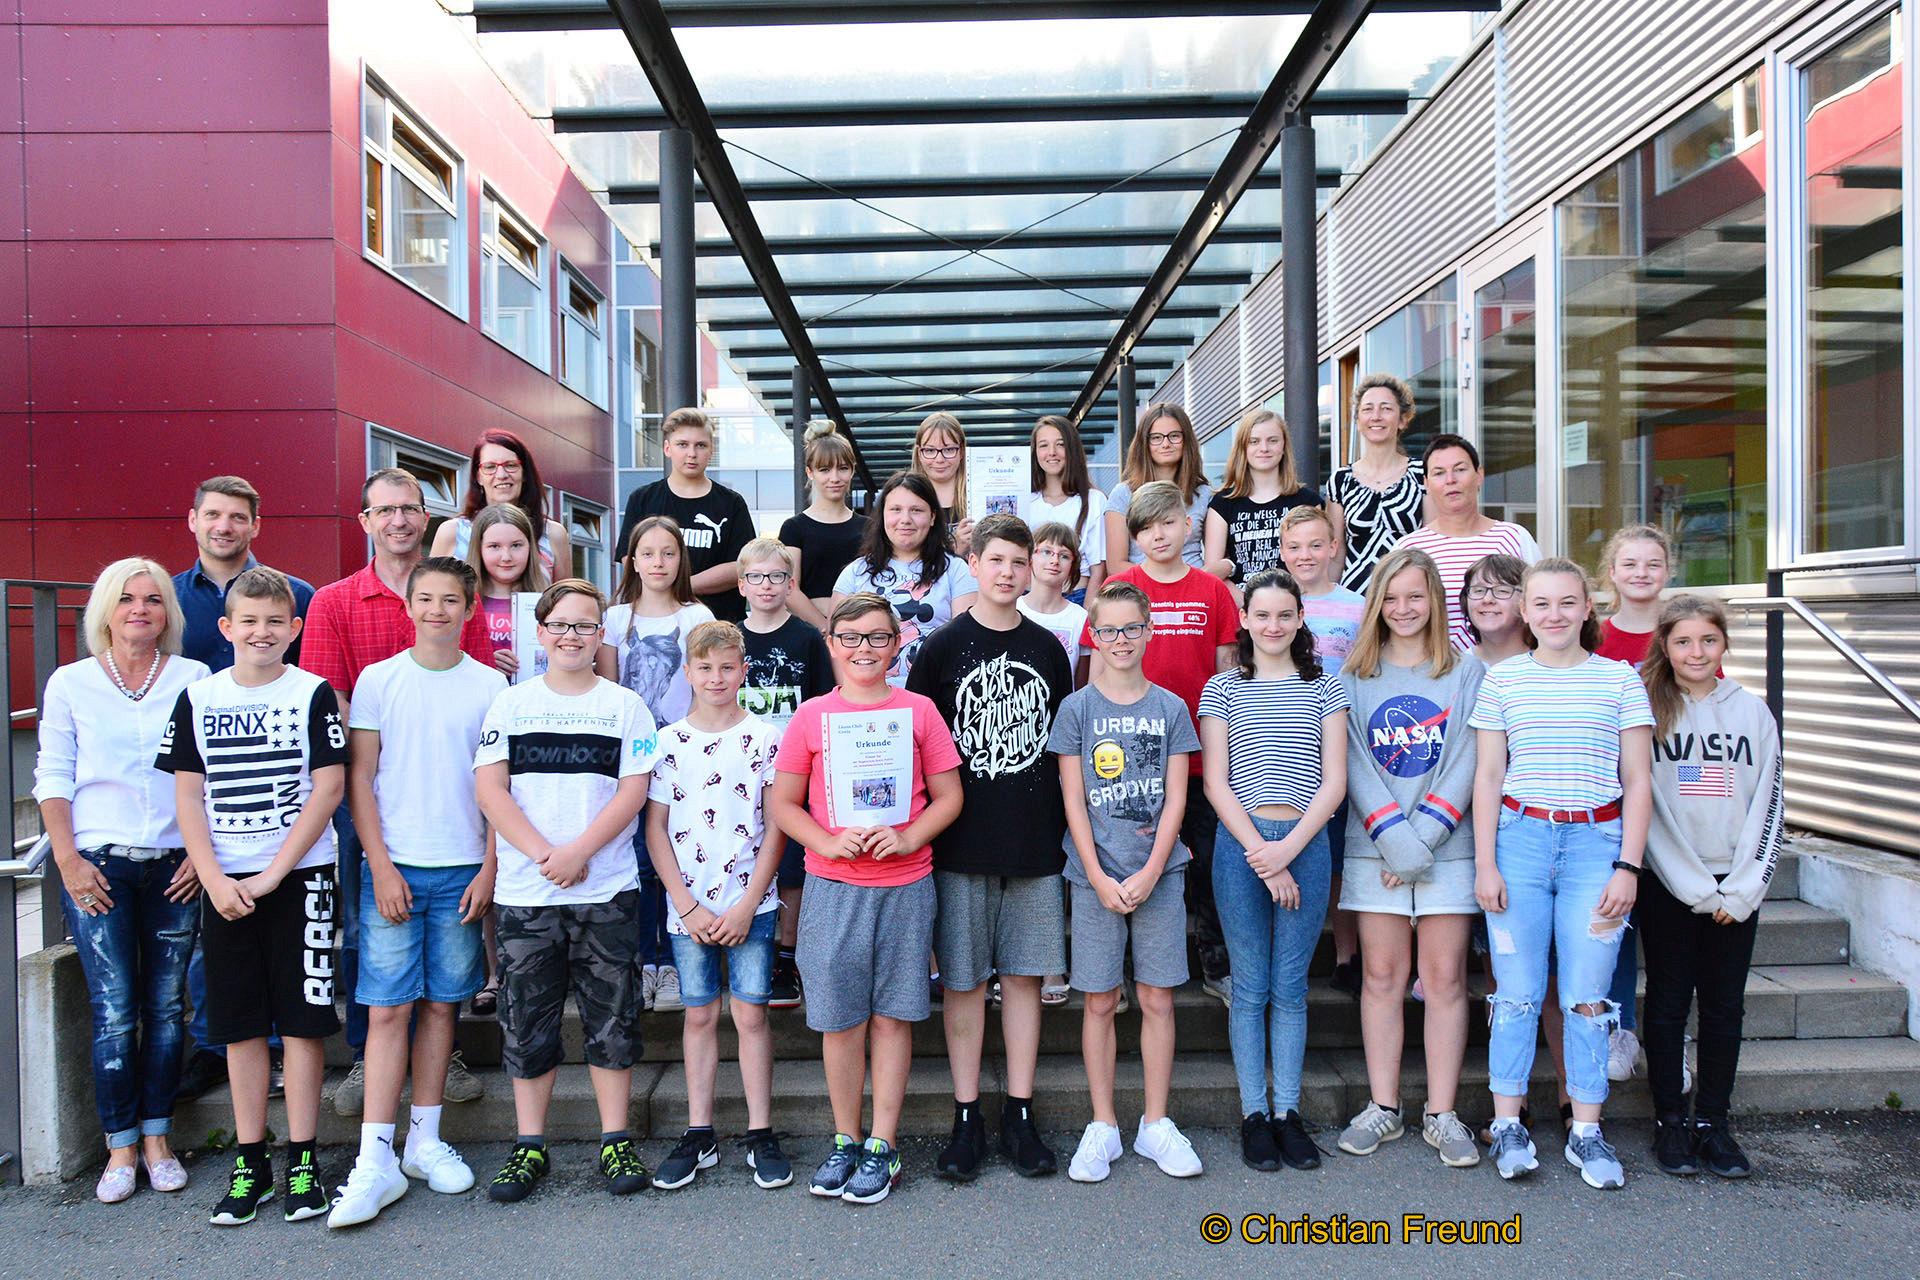 Gemeinschaftsbild von der Auszeichnung der Pohlitzer Regelschüler durch den Lionsclub Greiz